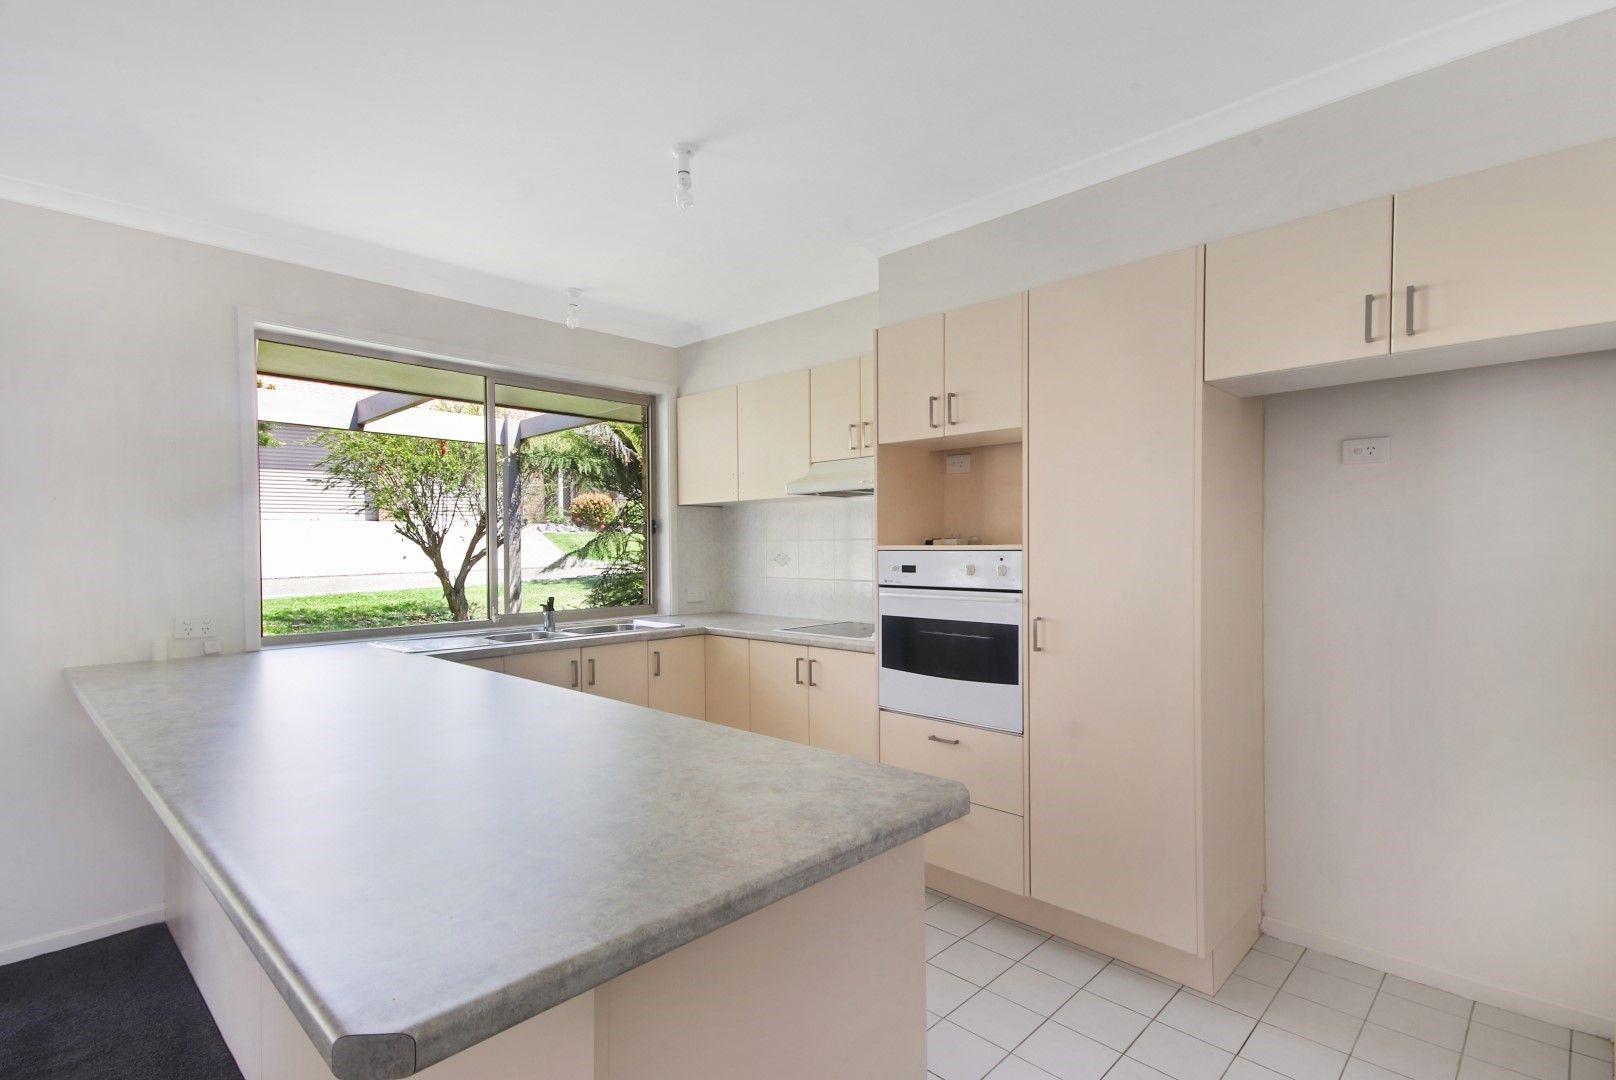 36/11 Payne Street, Narooma NSW 2546, Image 2